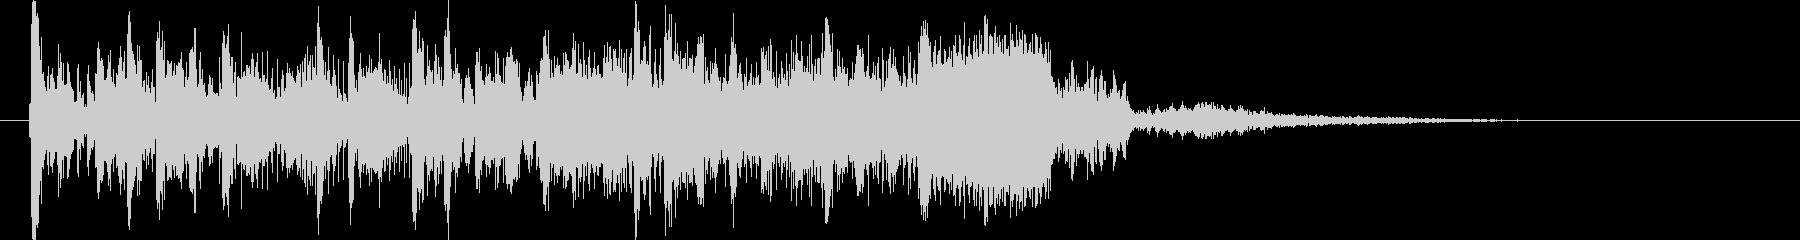 スピード&パワフルな未来的デジタルロゴの未再生の波形